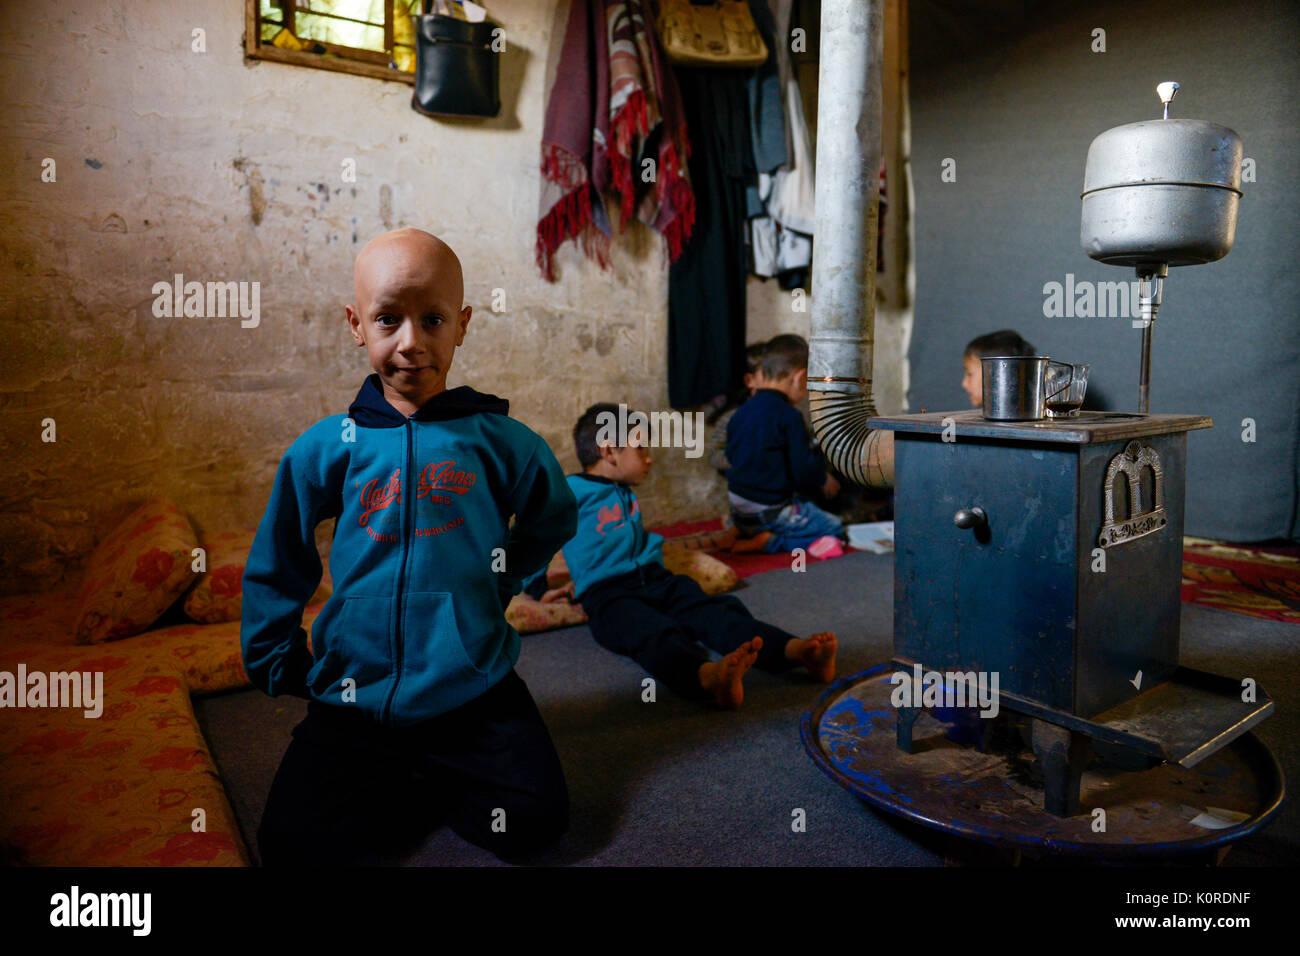 LEBANON Deir el Ahmad, a maronite christian village in Beqaa valley, syrian refugee camp / LIBANON Deir el Ahmad, ein christlich maronitisches Dorf in der Bekaa Ebene, Camp fuer syrische Fluechtlinge, Huette von Soumaya Alkhatib, die Mutter des Jungen Ahmad, Ahmad im Bild hat heute 11. Geburtstag - Stock Image